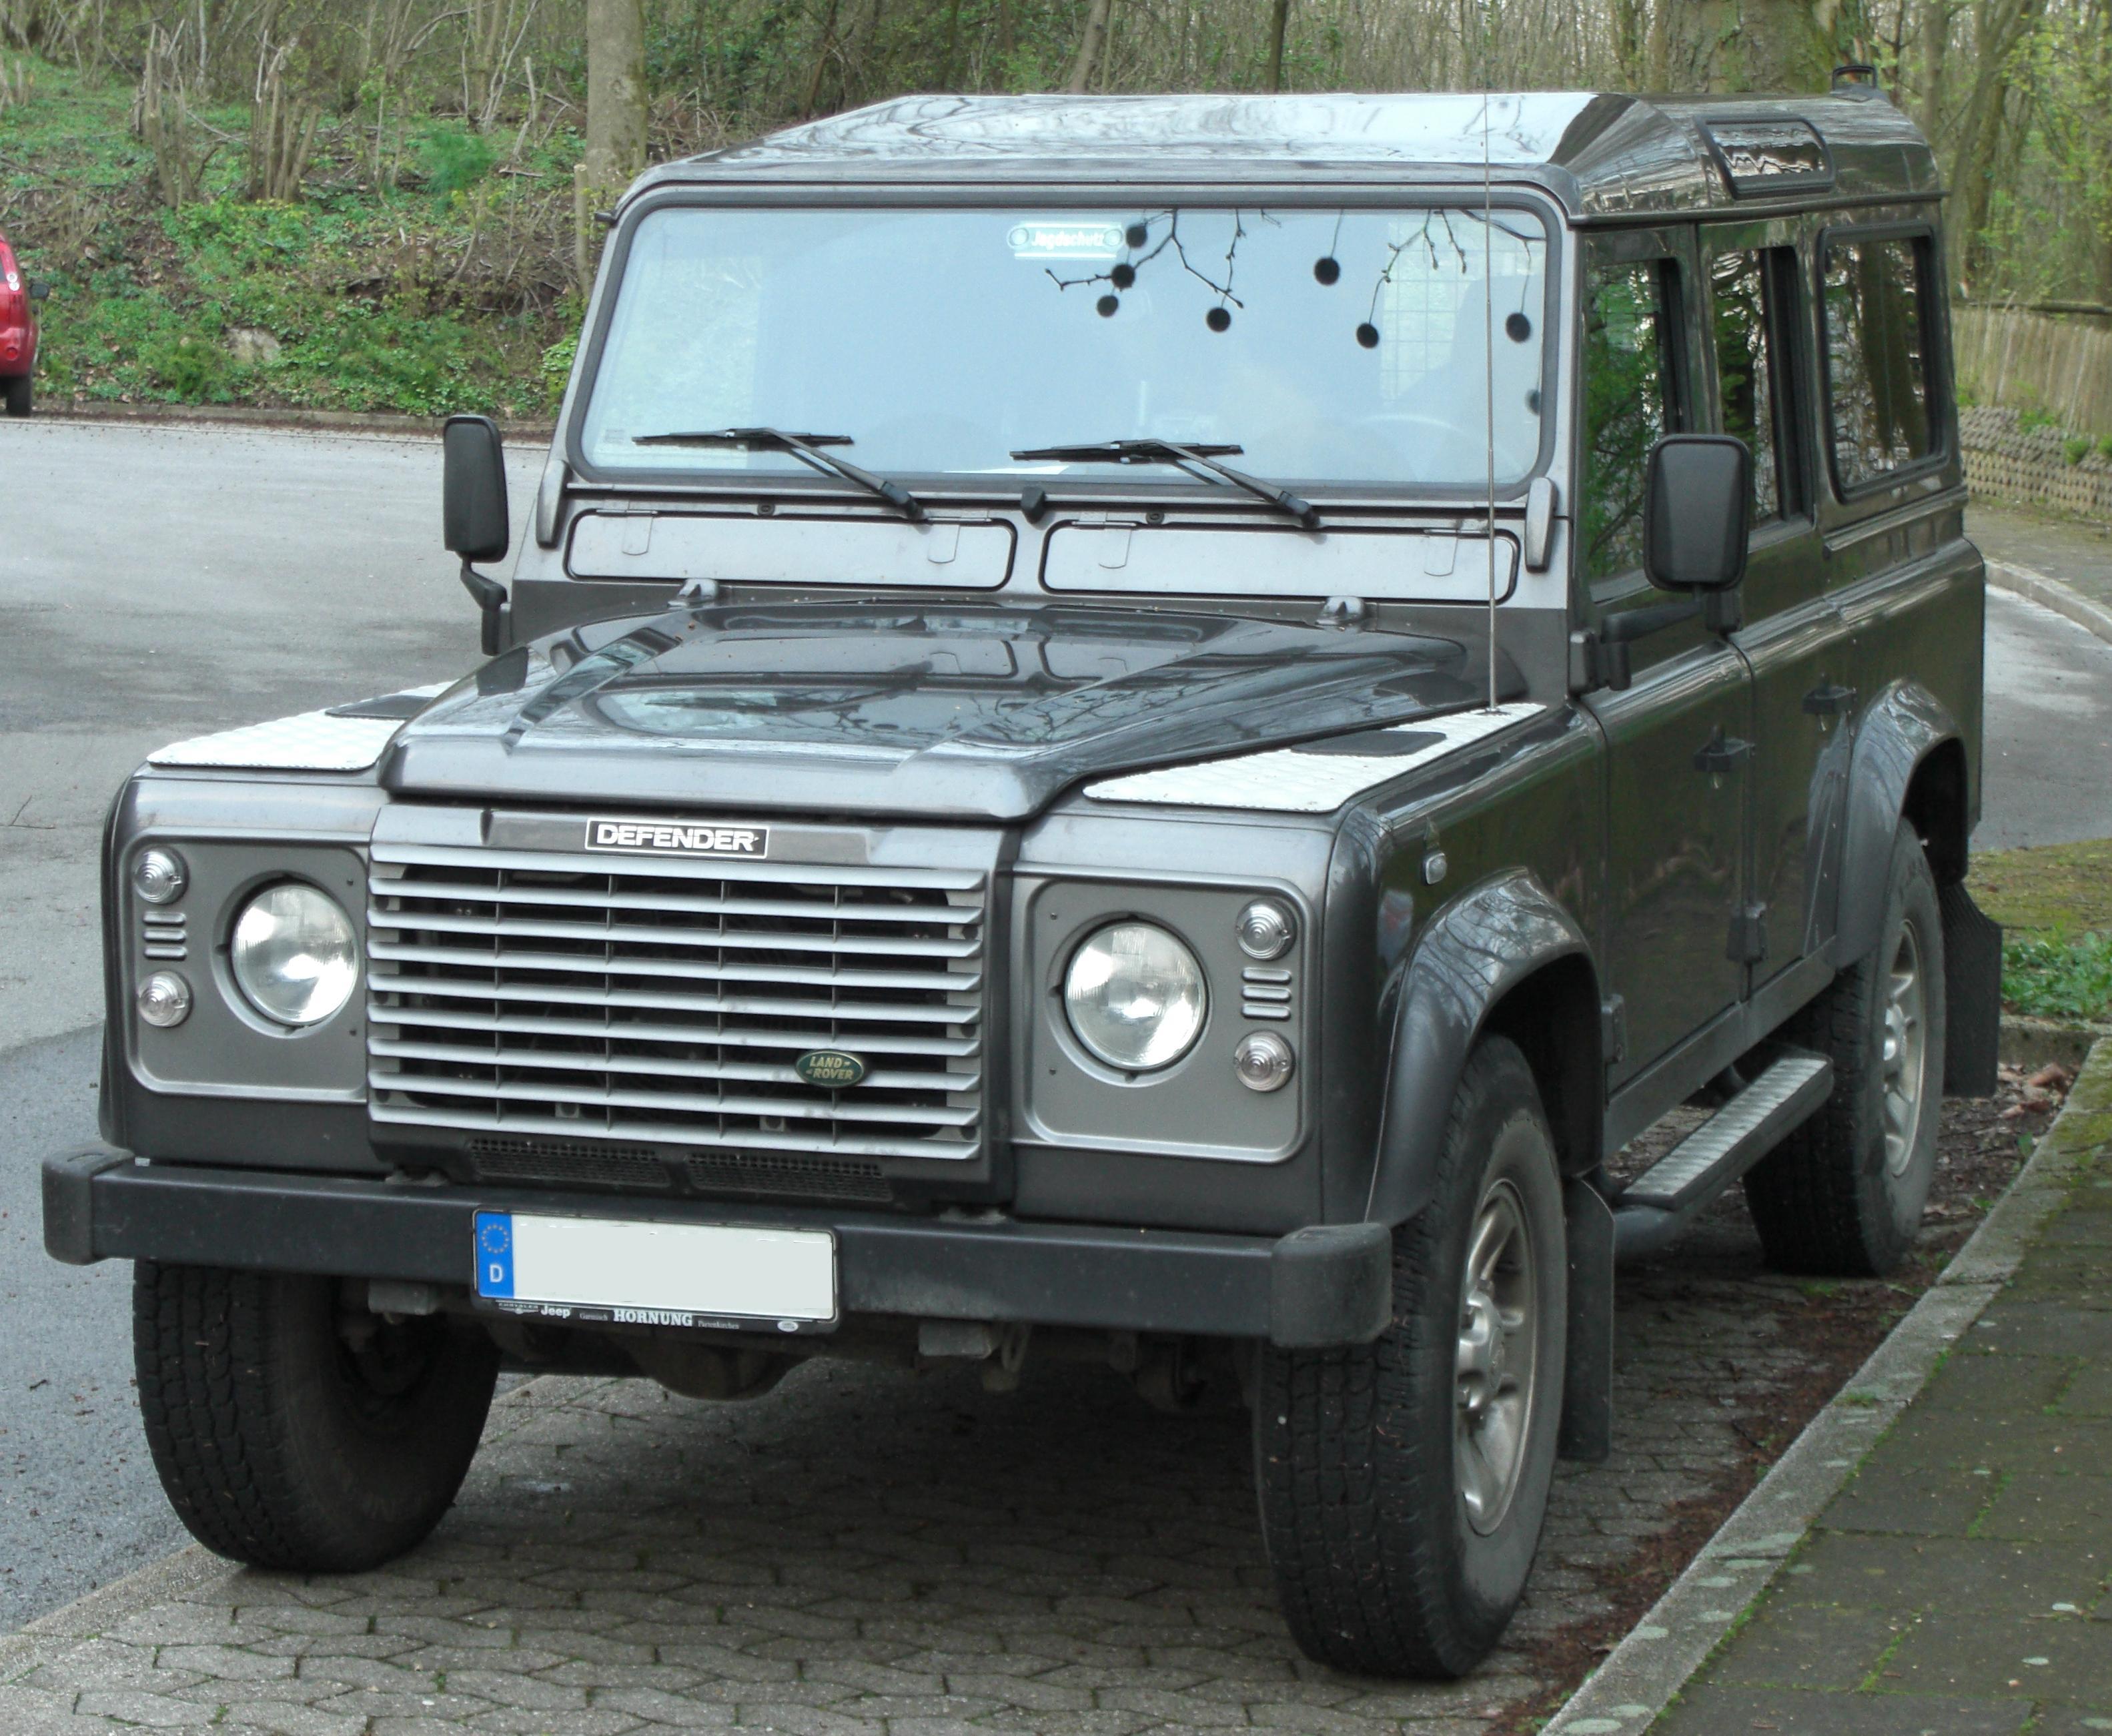 Land Rover Defender front Wallpaper Backgrounds